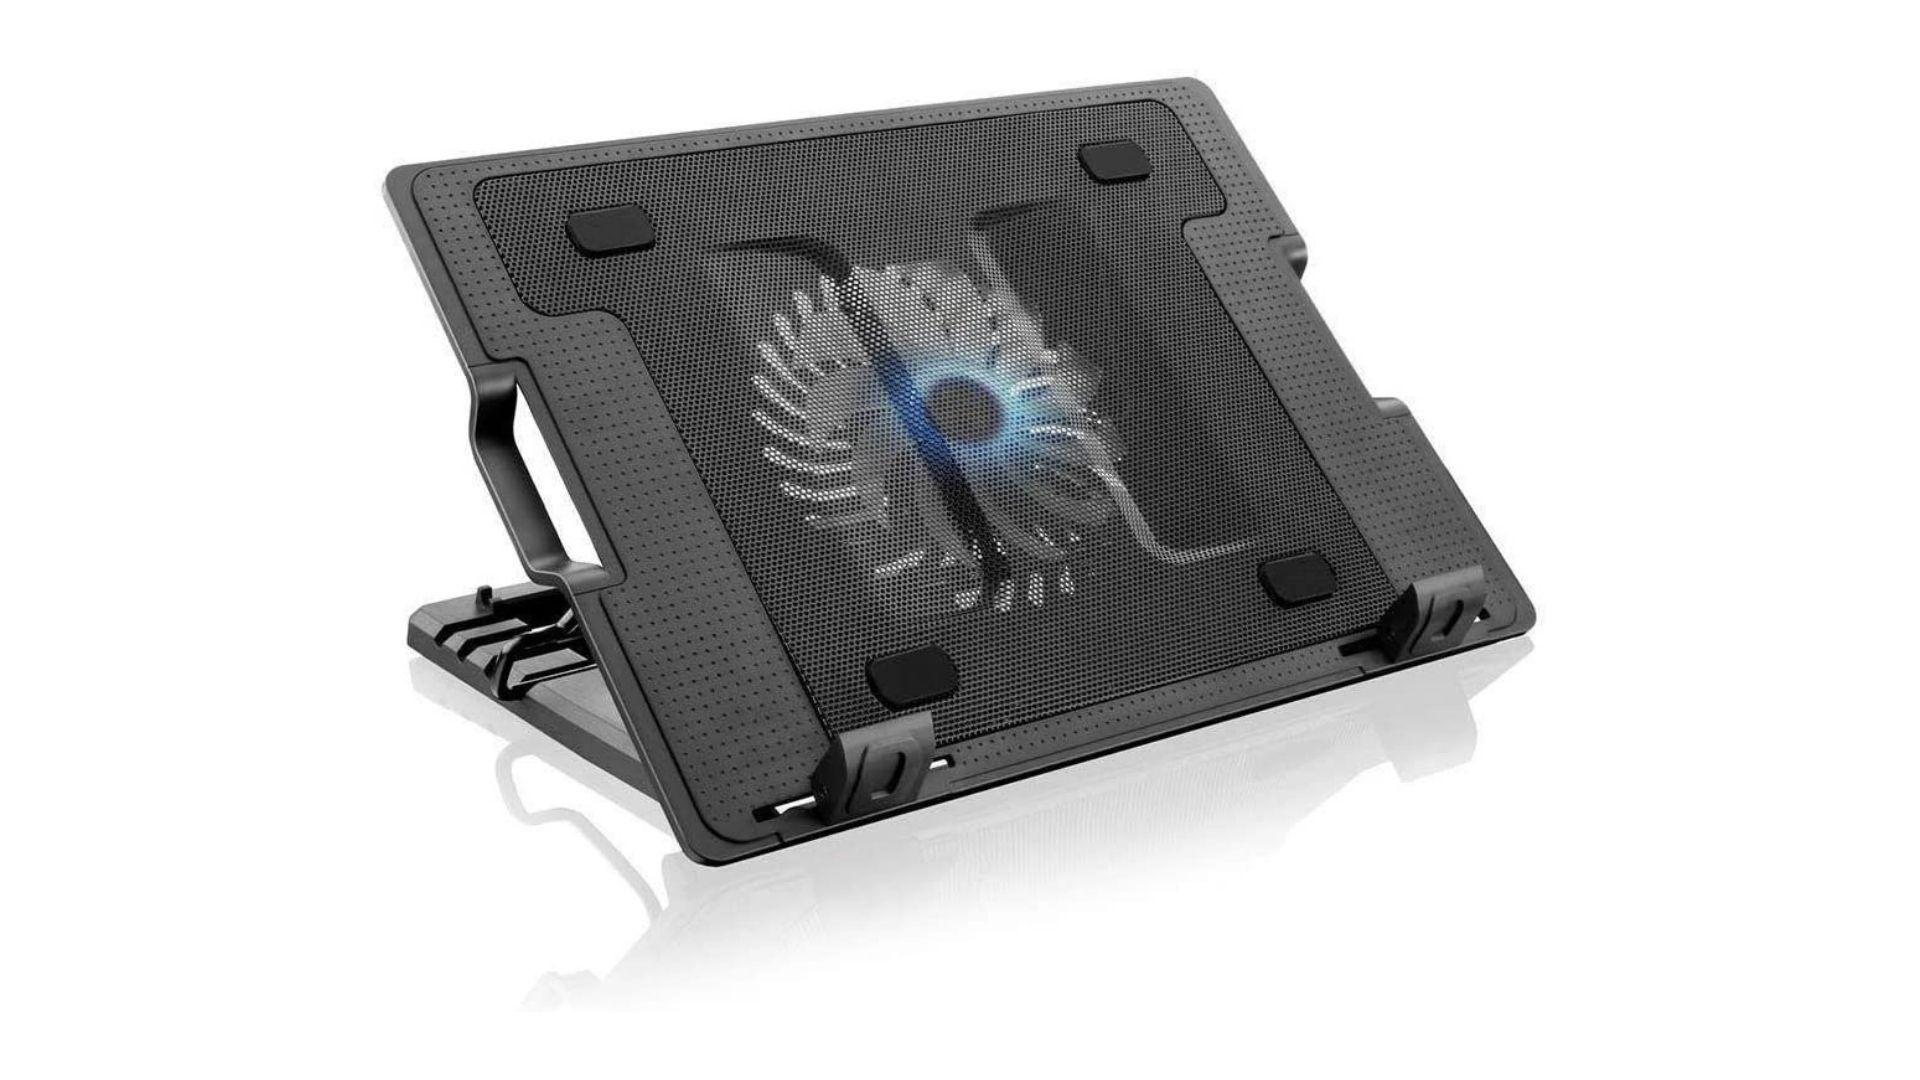 KP-9013 é um suporte para notebook com cooler antiderrapante (Foto: Divulgação/Knup)